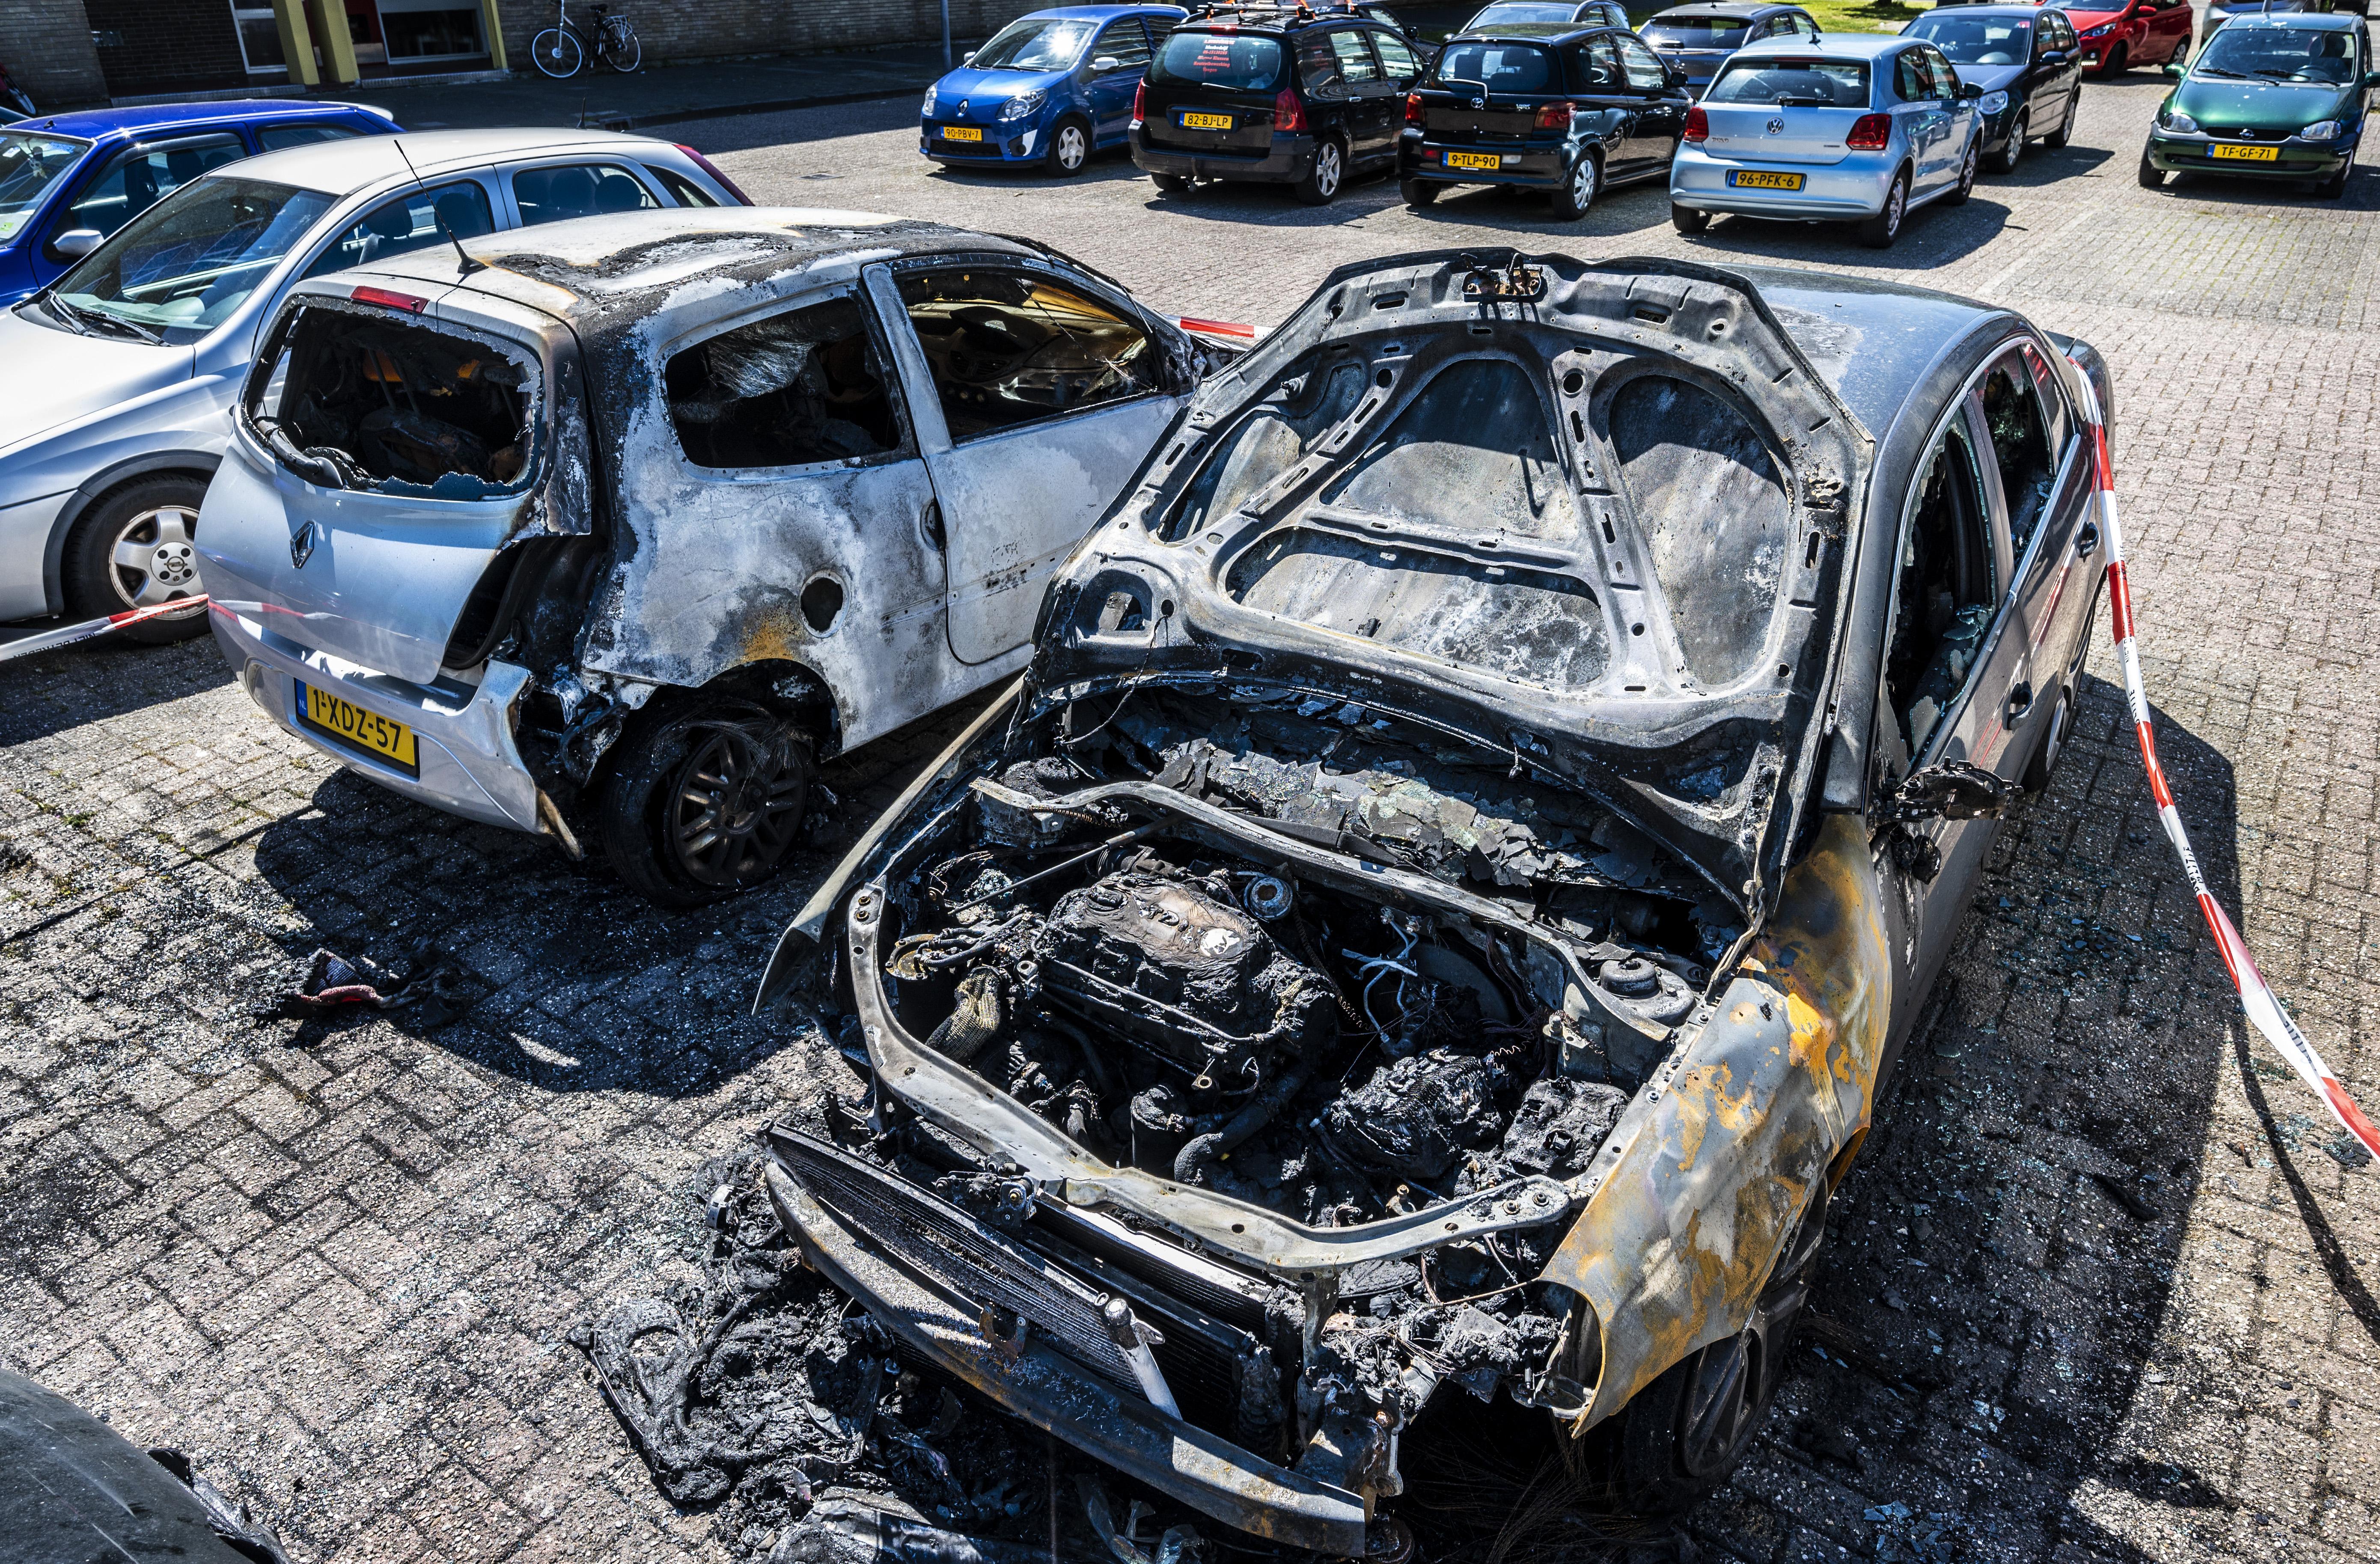 Verslagenheid na zoveelste autobrand in Haarlem: 'Mijn dochter werkt in de zorg en had haar Polo vandaag nodig'